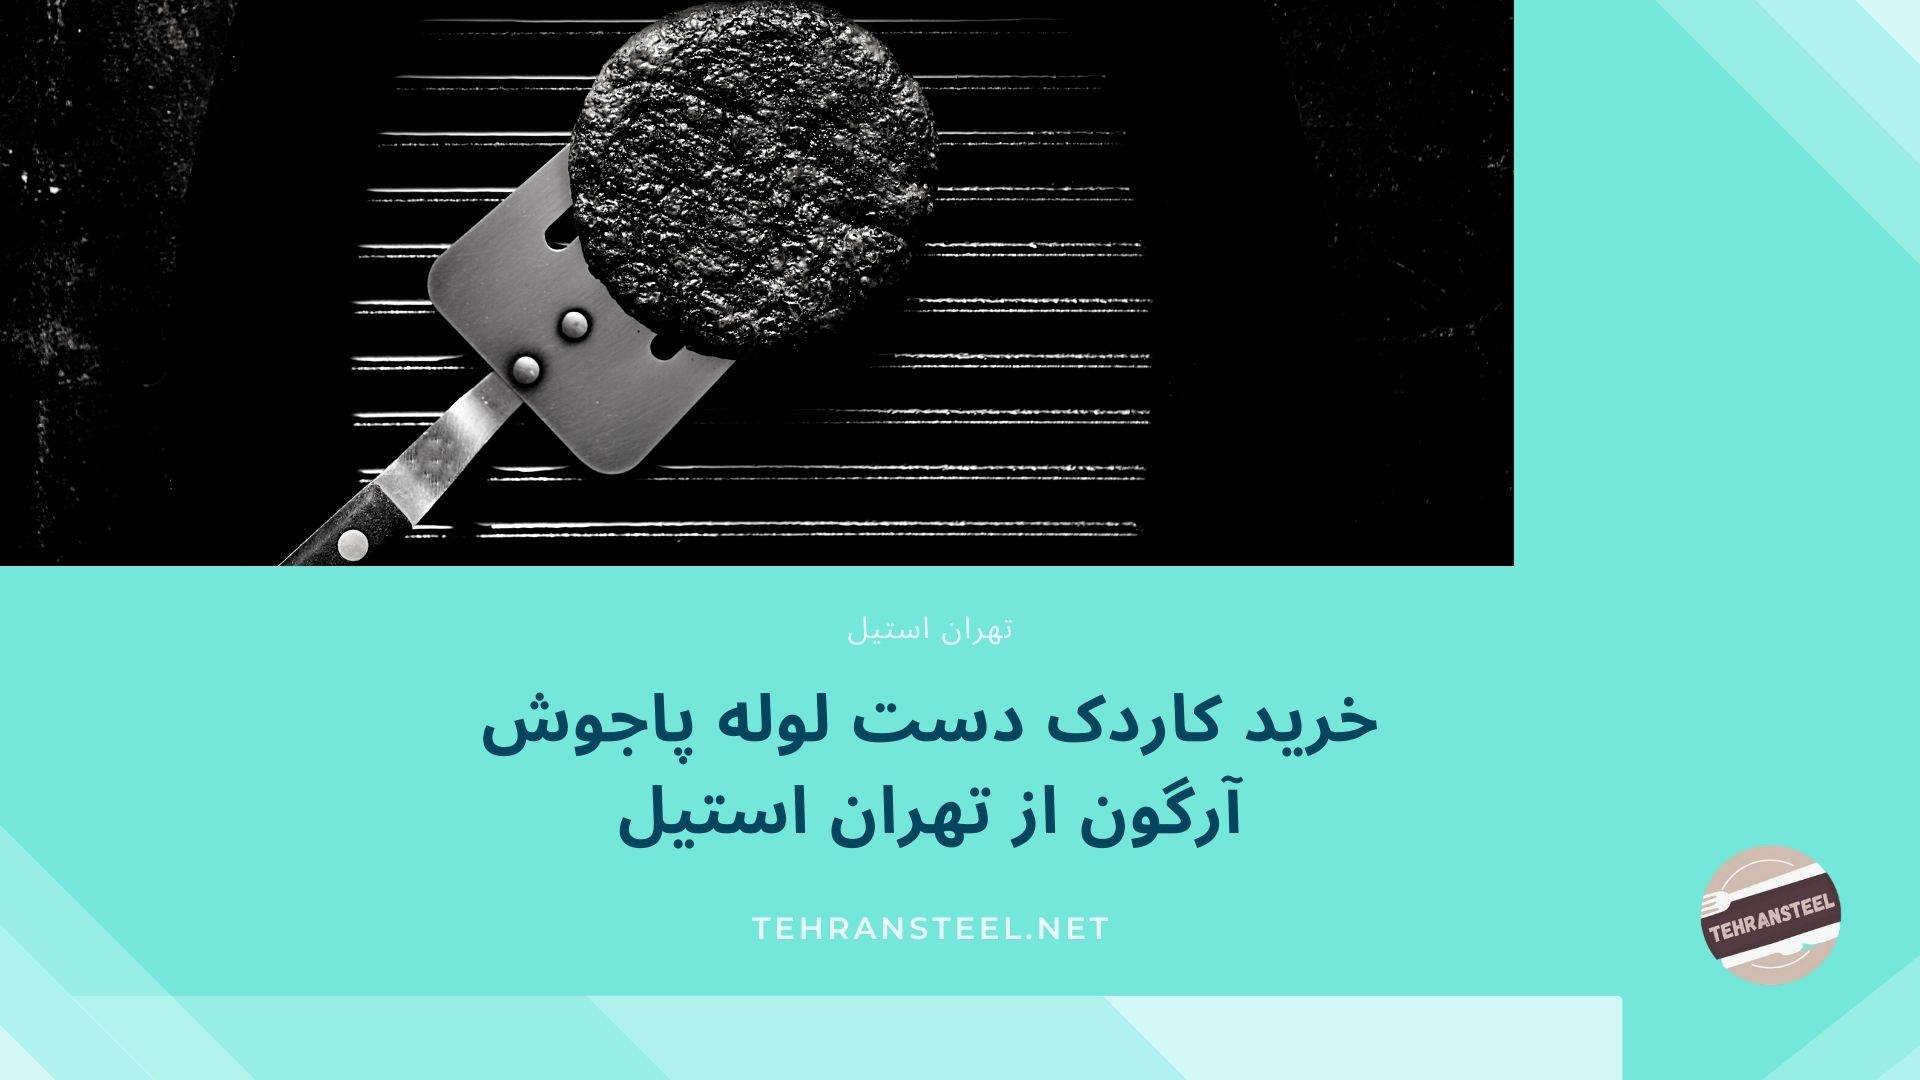 خرید کاردک دست لوله پاجوش آرگون از تهران استیل